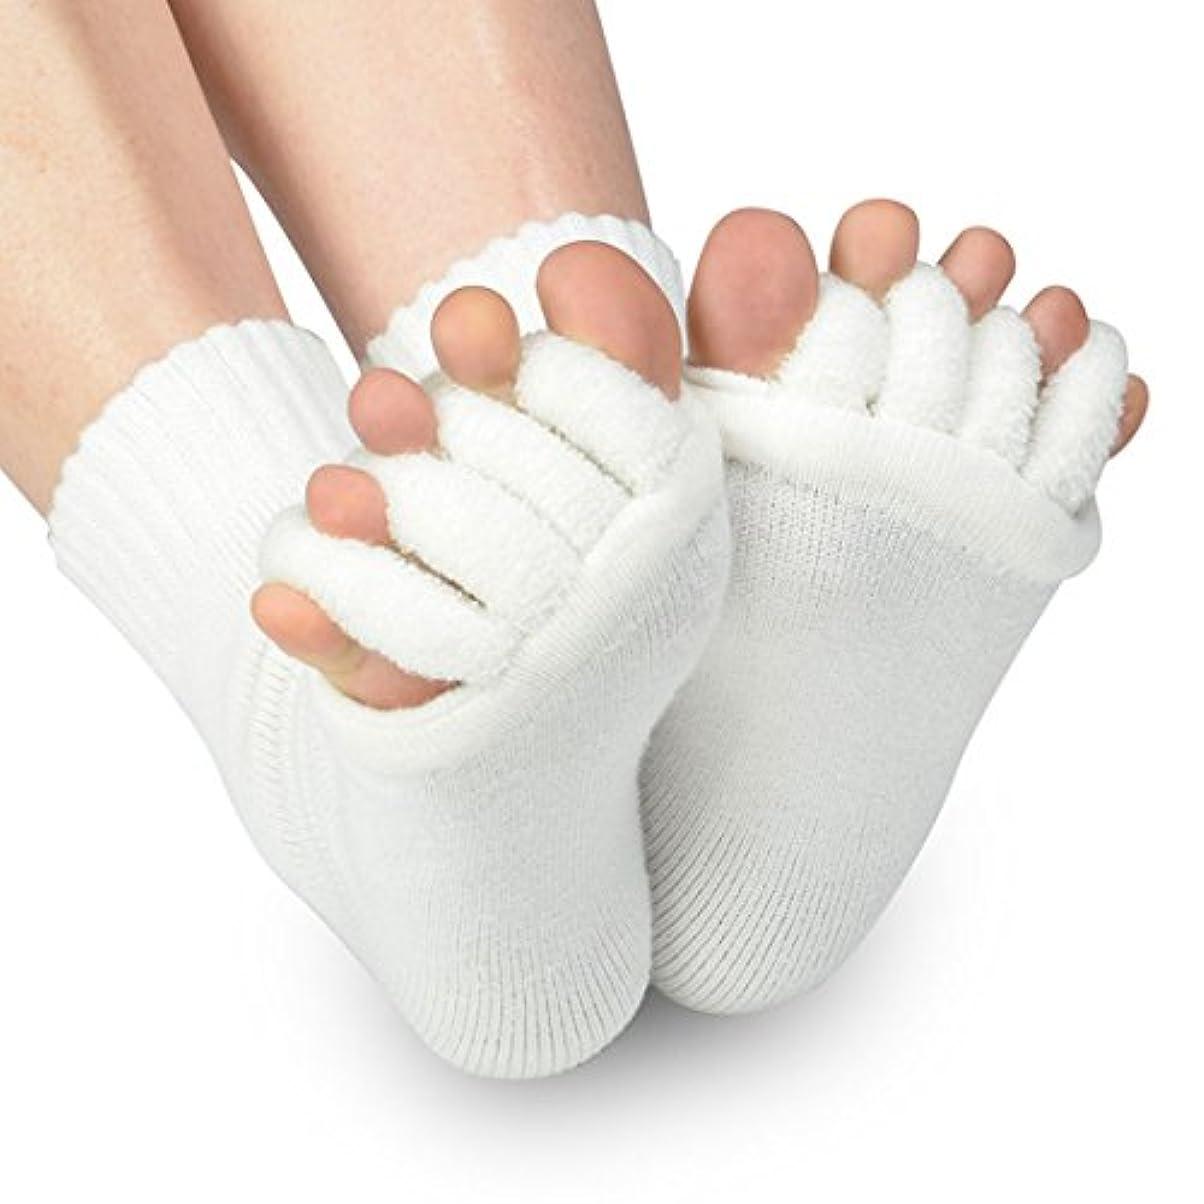 ローン快適媒染剤B-PING 靴下 足指開き綿混5本指ハーフソックス 血行不良からくる足のむくみを即解消 足指開き 足指全開 男女兼用 履くだけで癒される 偏平足 対策 むくみ解消